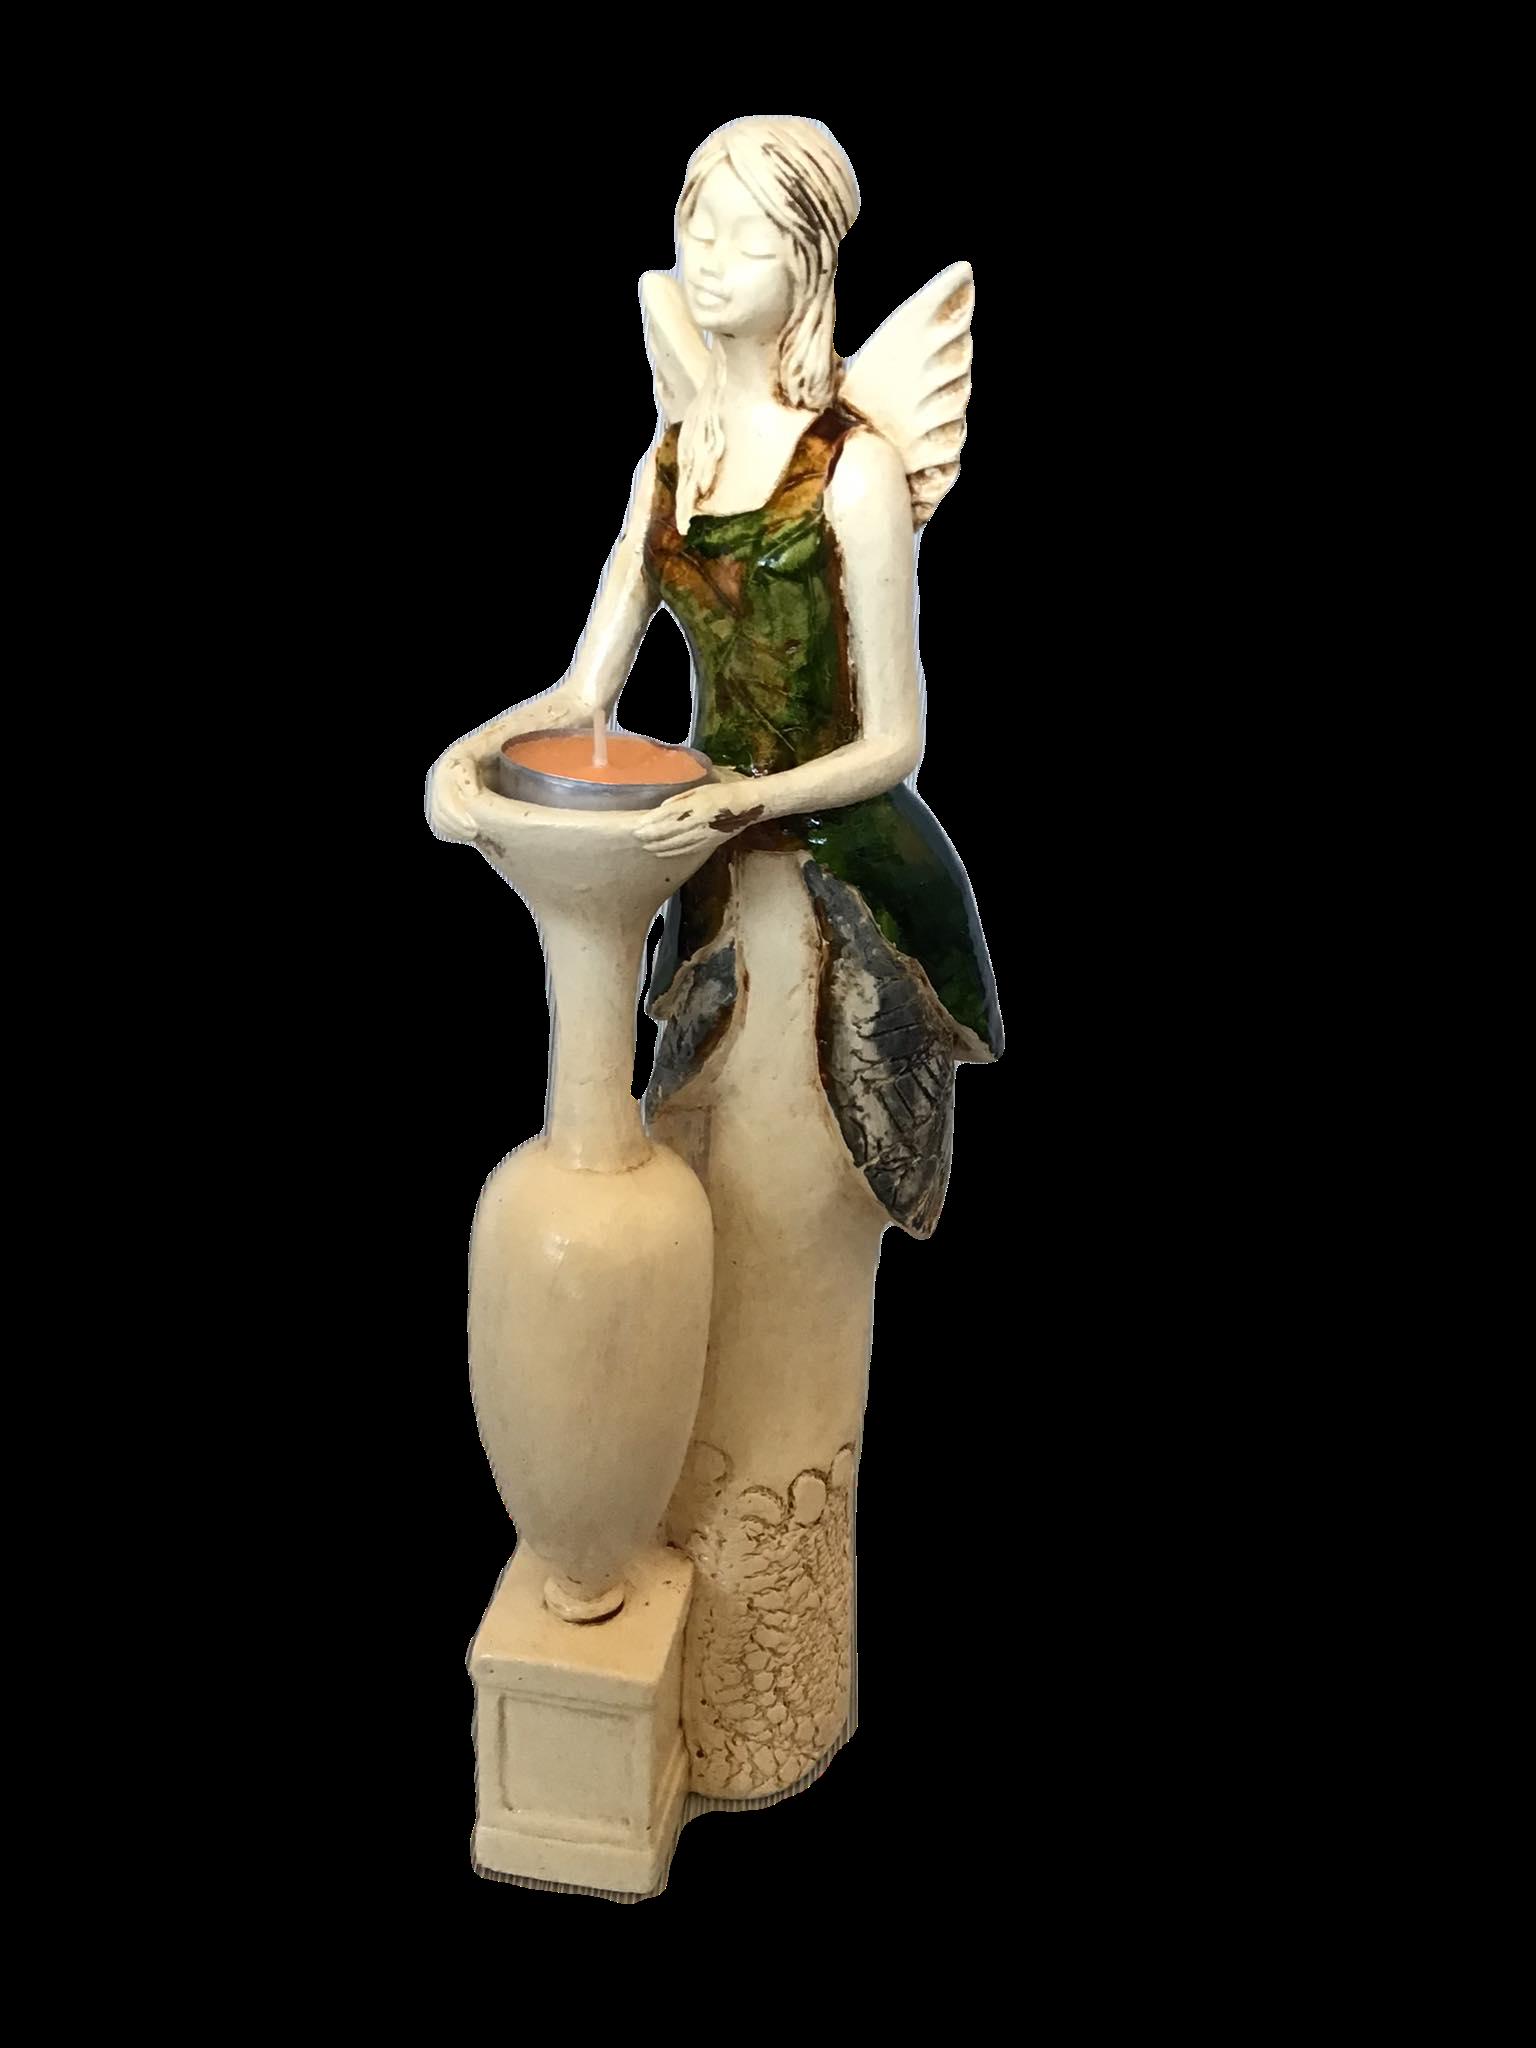 Anioł Sara 6a